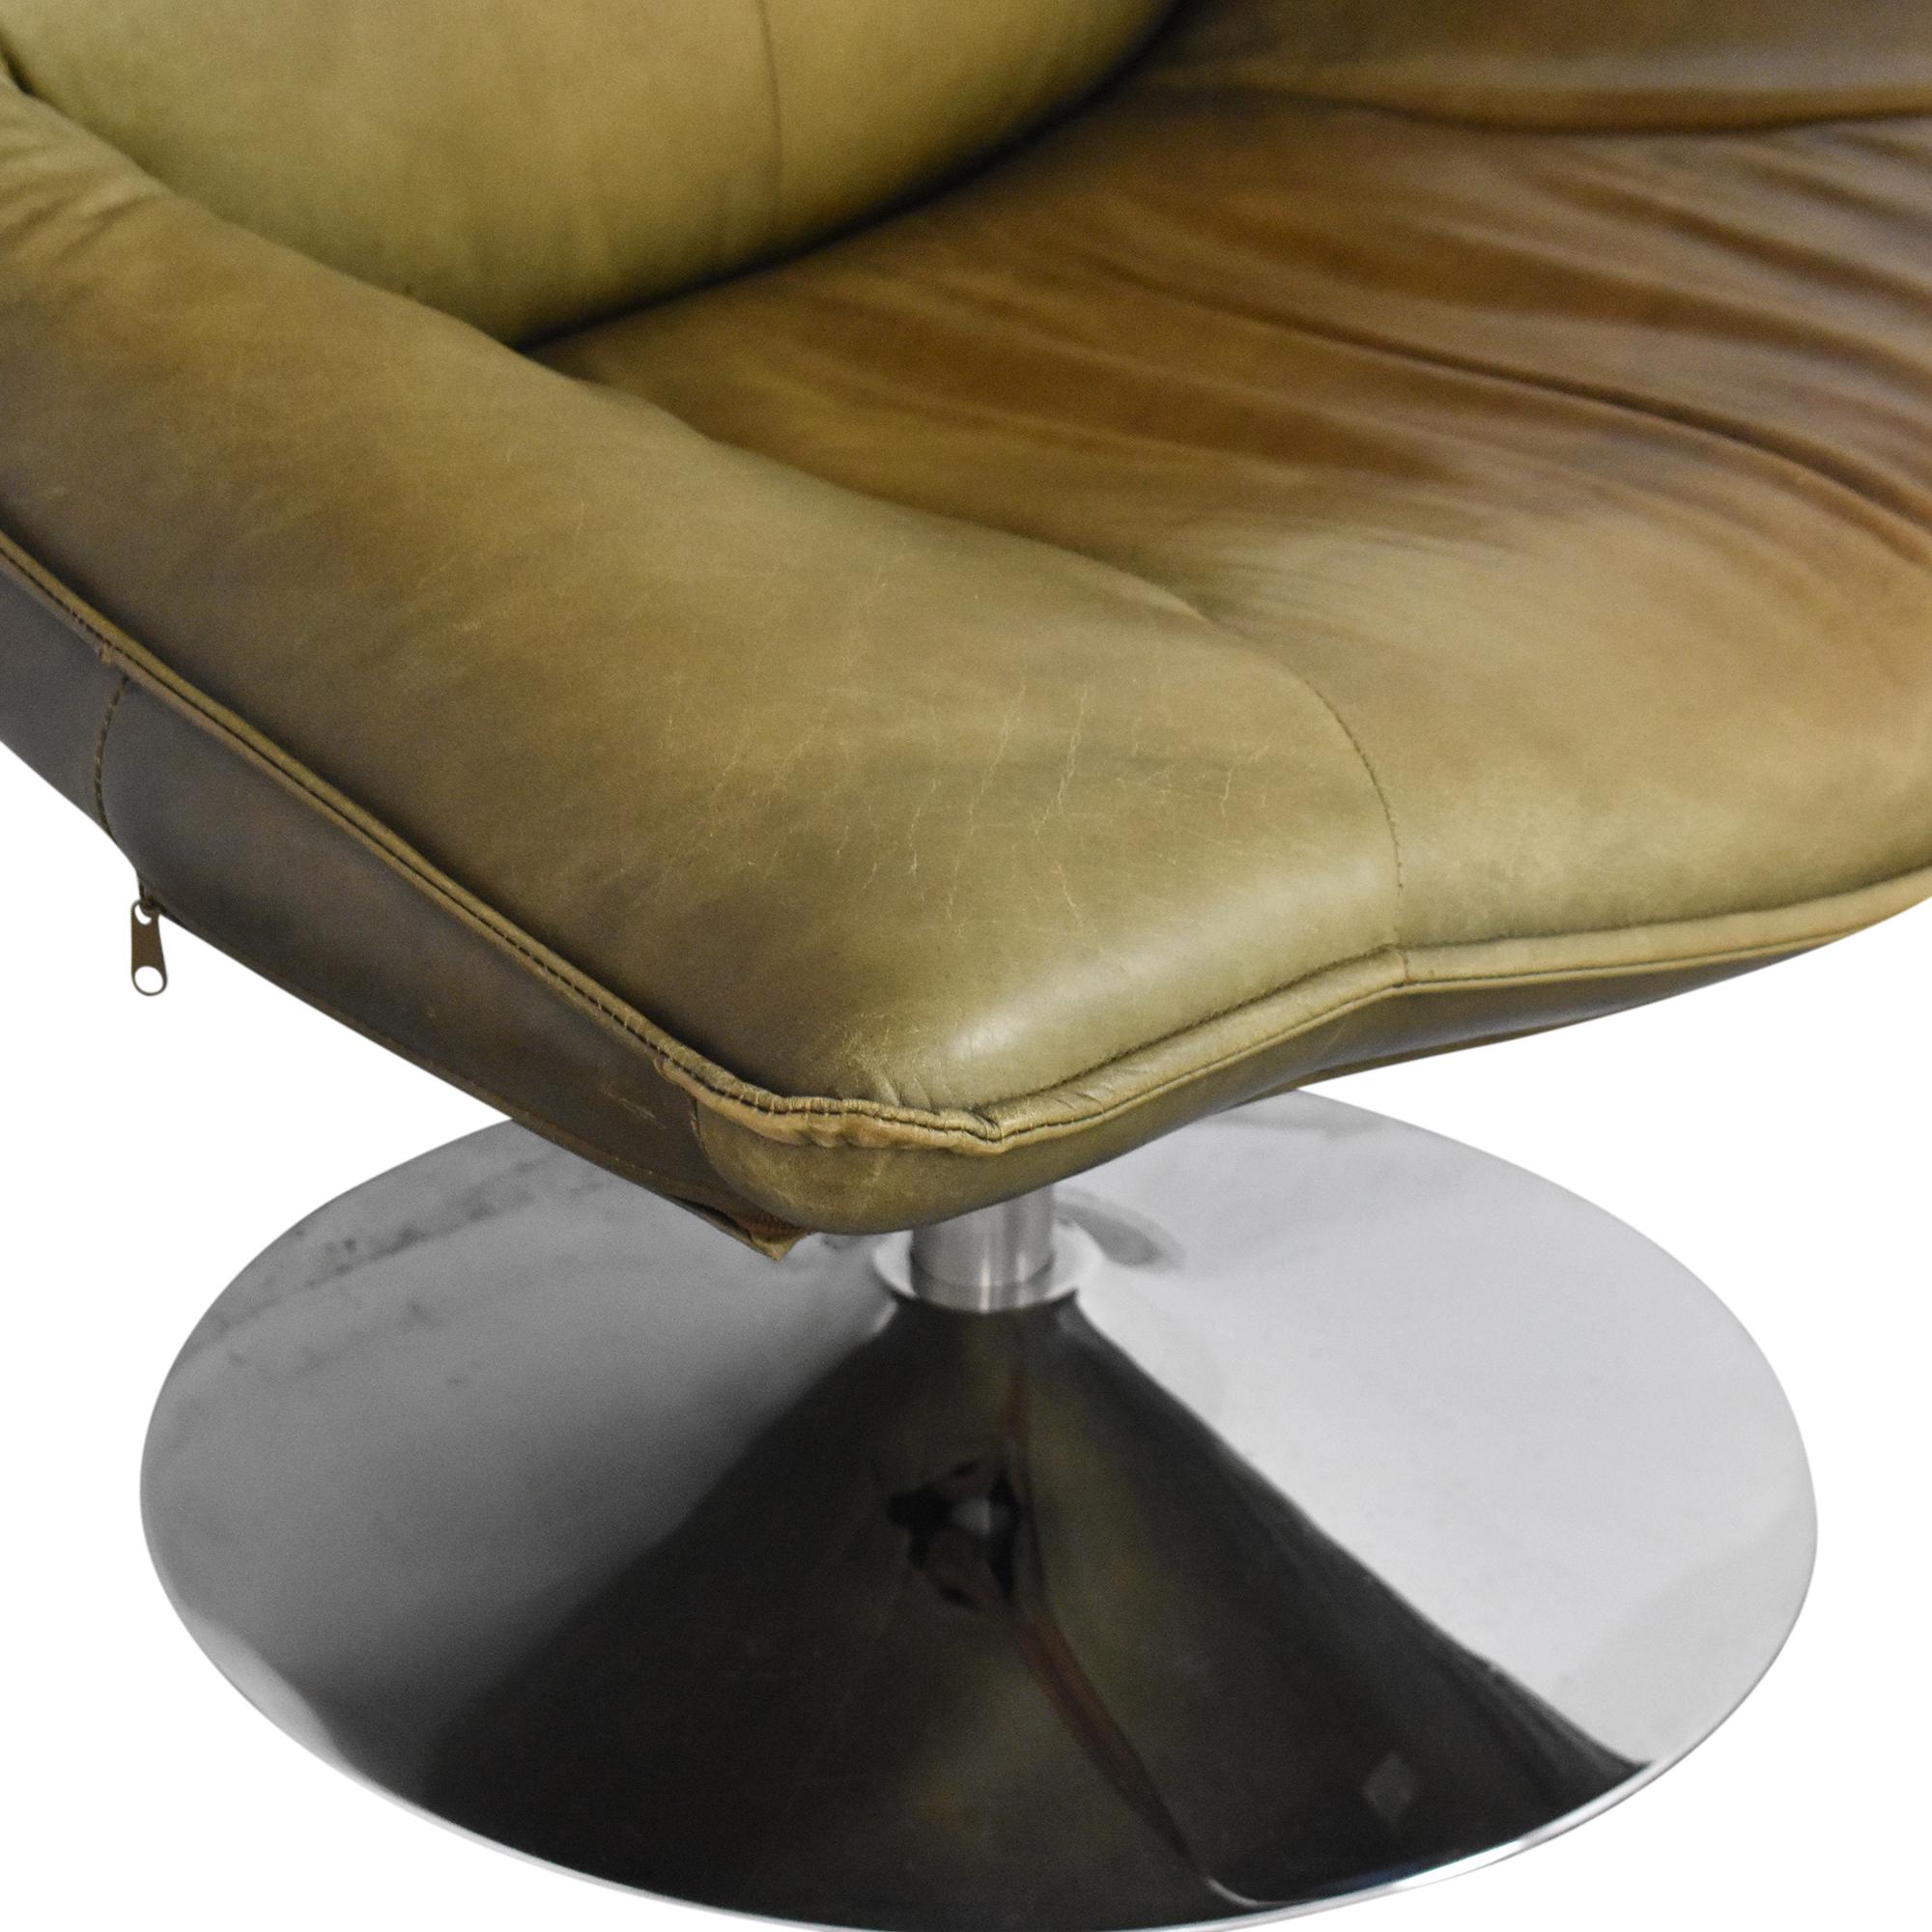 Restoration Hardware Restoration Hardware Hopper Swivel Bucket Chair green